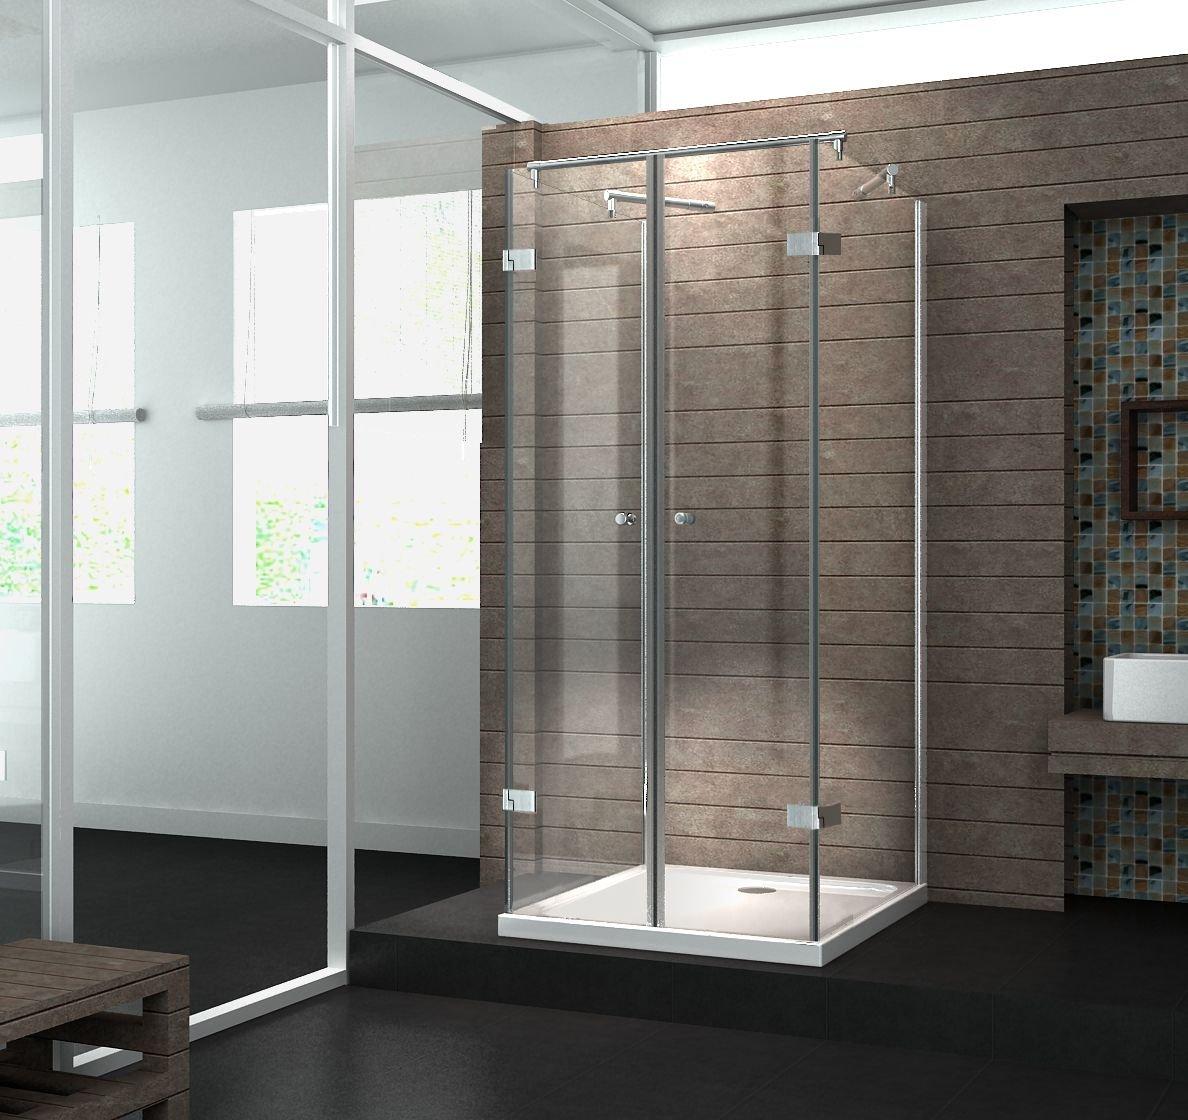 UDuschkabine 8 mm Designer Duschabtrennung Dusche Echt Glas 90 x 90 x 195 cm AVILO ohne Duschtasse  Kundenbewertung und weitere Informationen